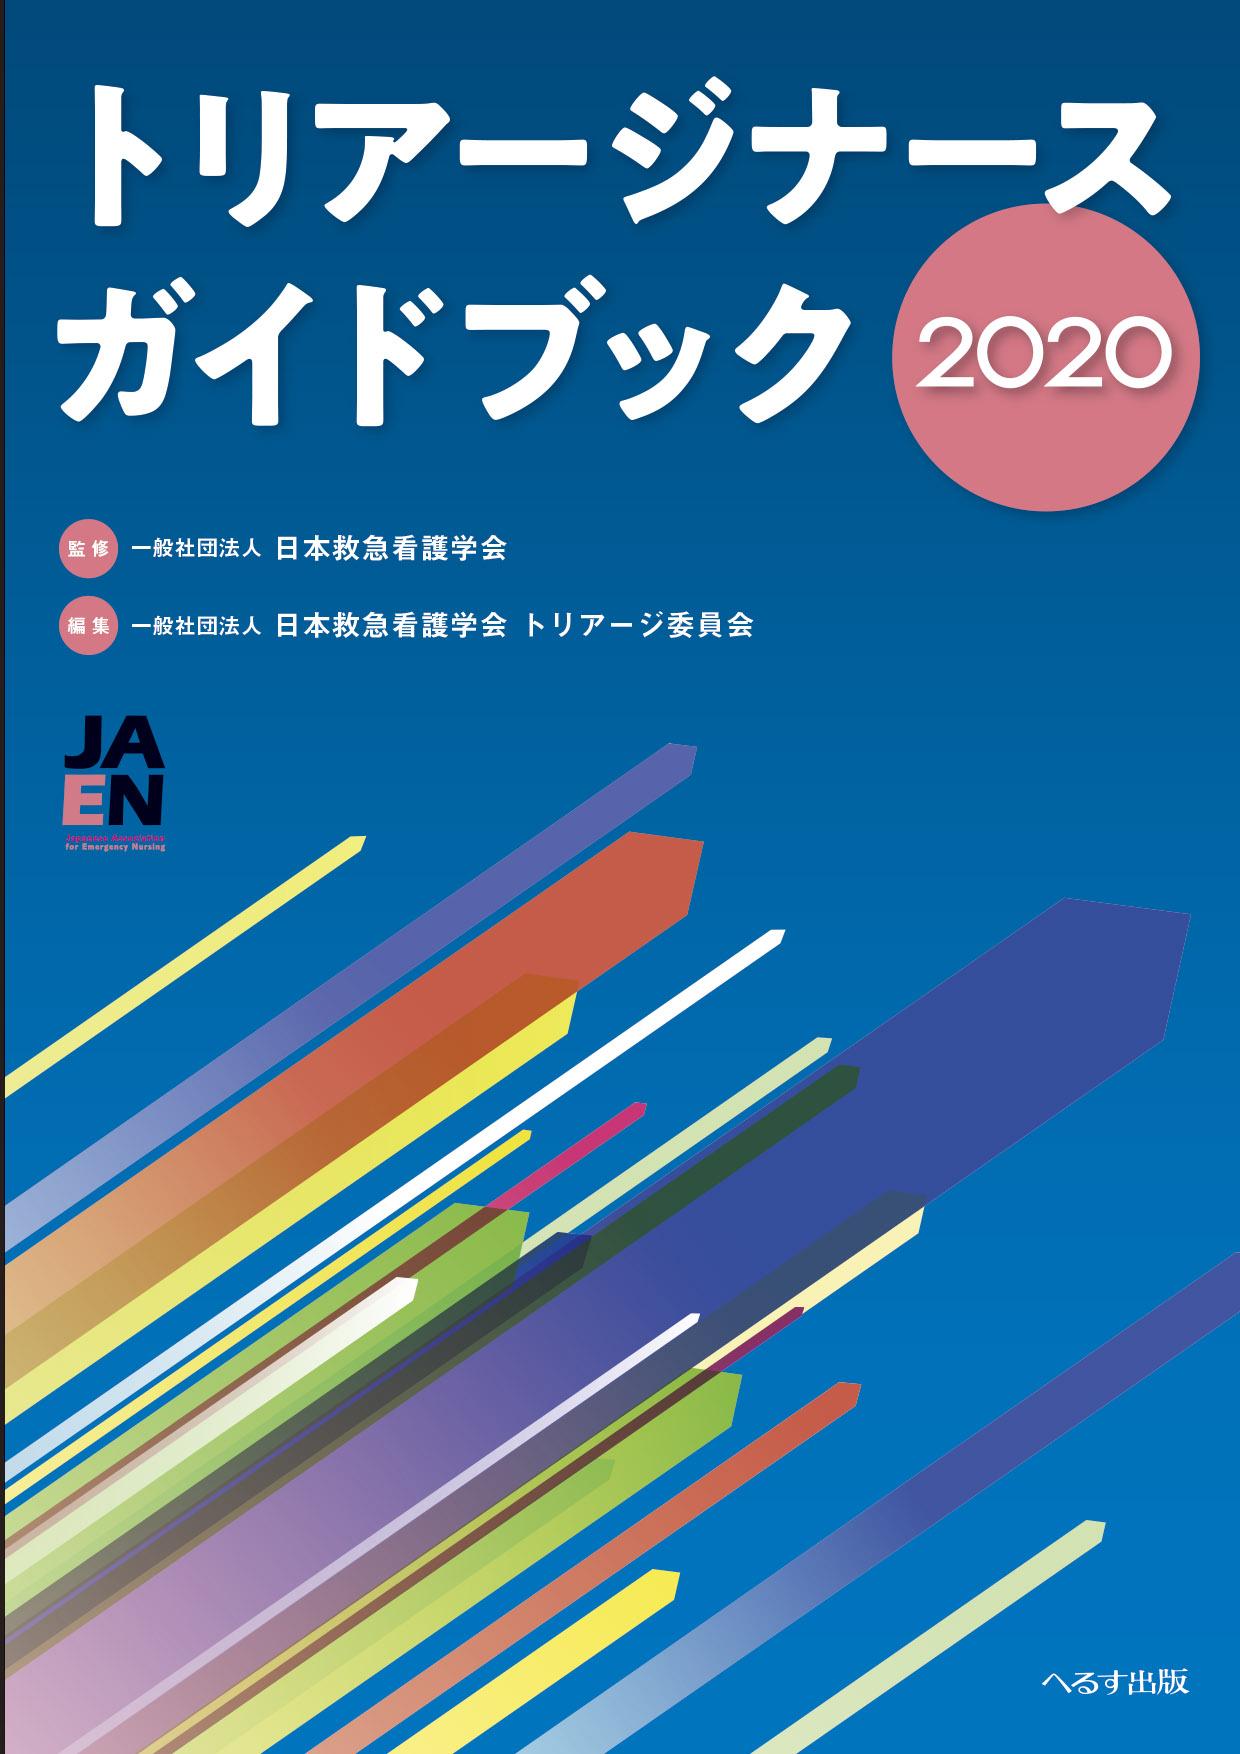 トリアージナースガイドブック2020